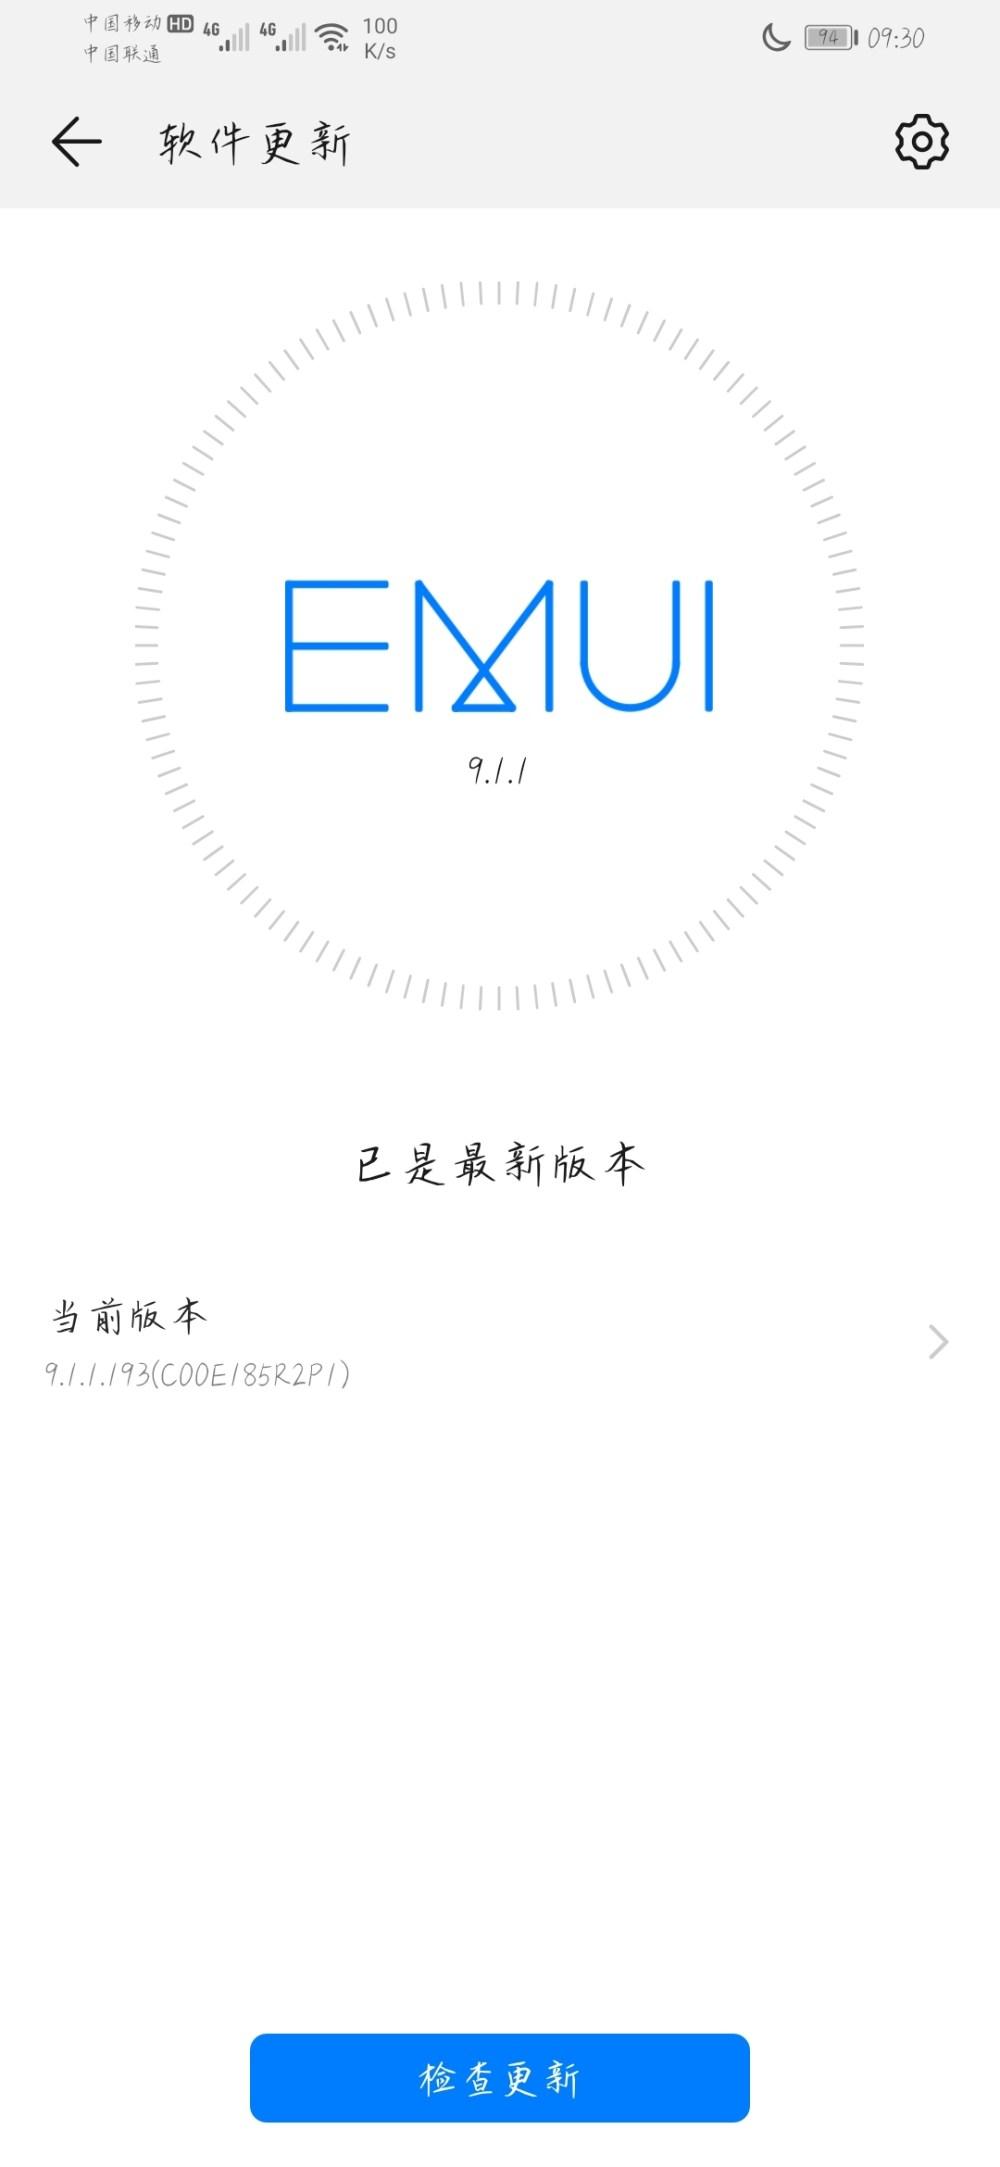 EMUI 9.1.1.193 Nova 5